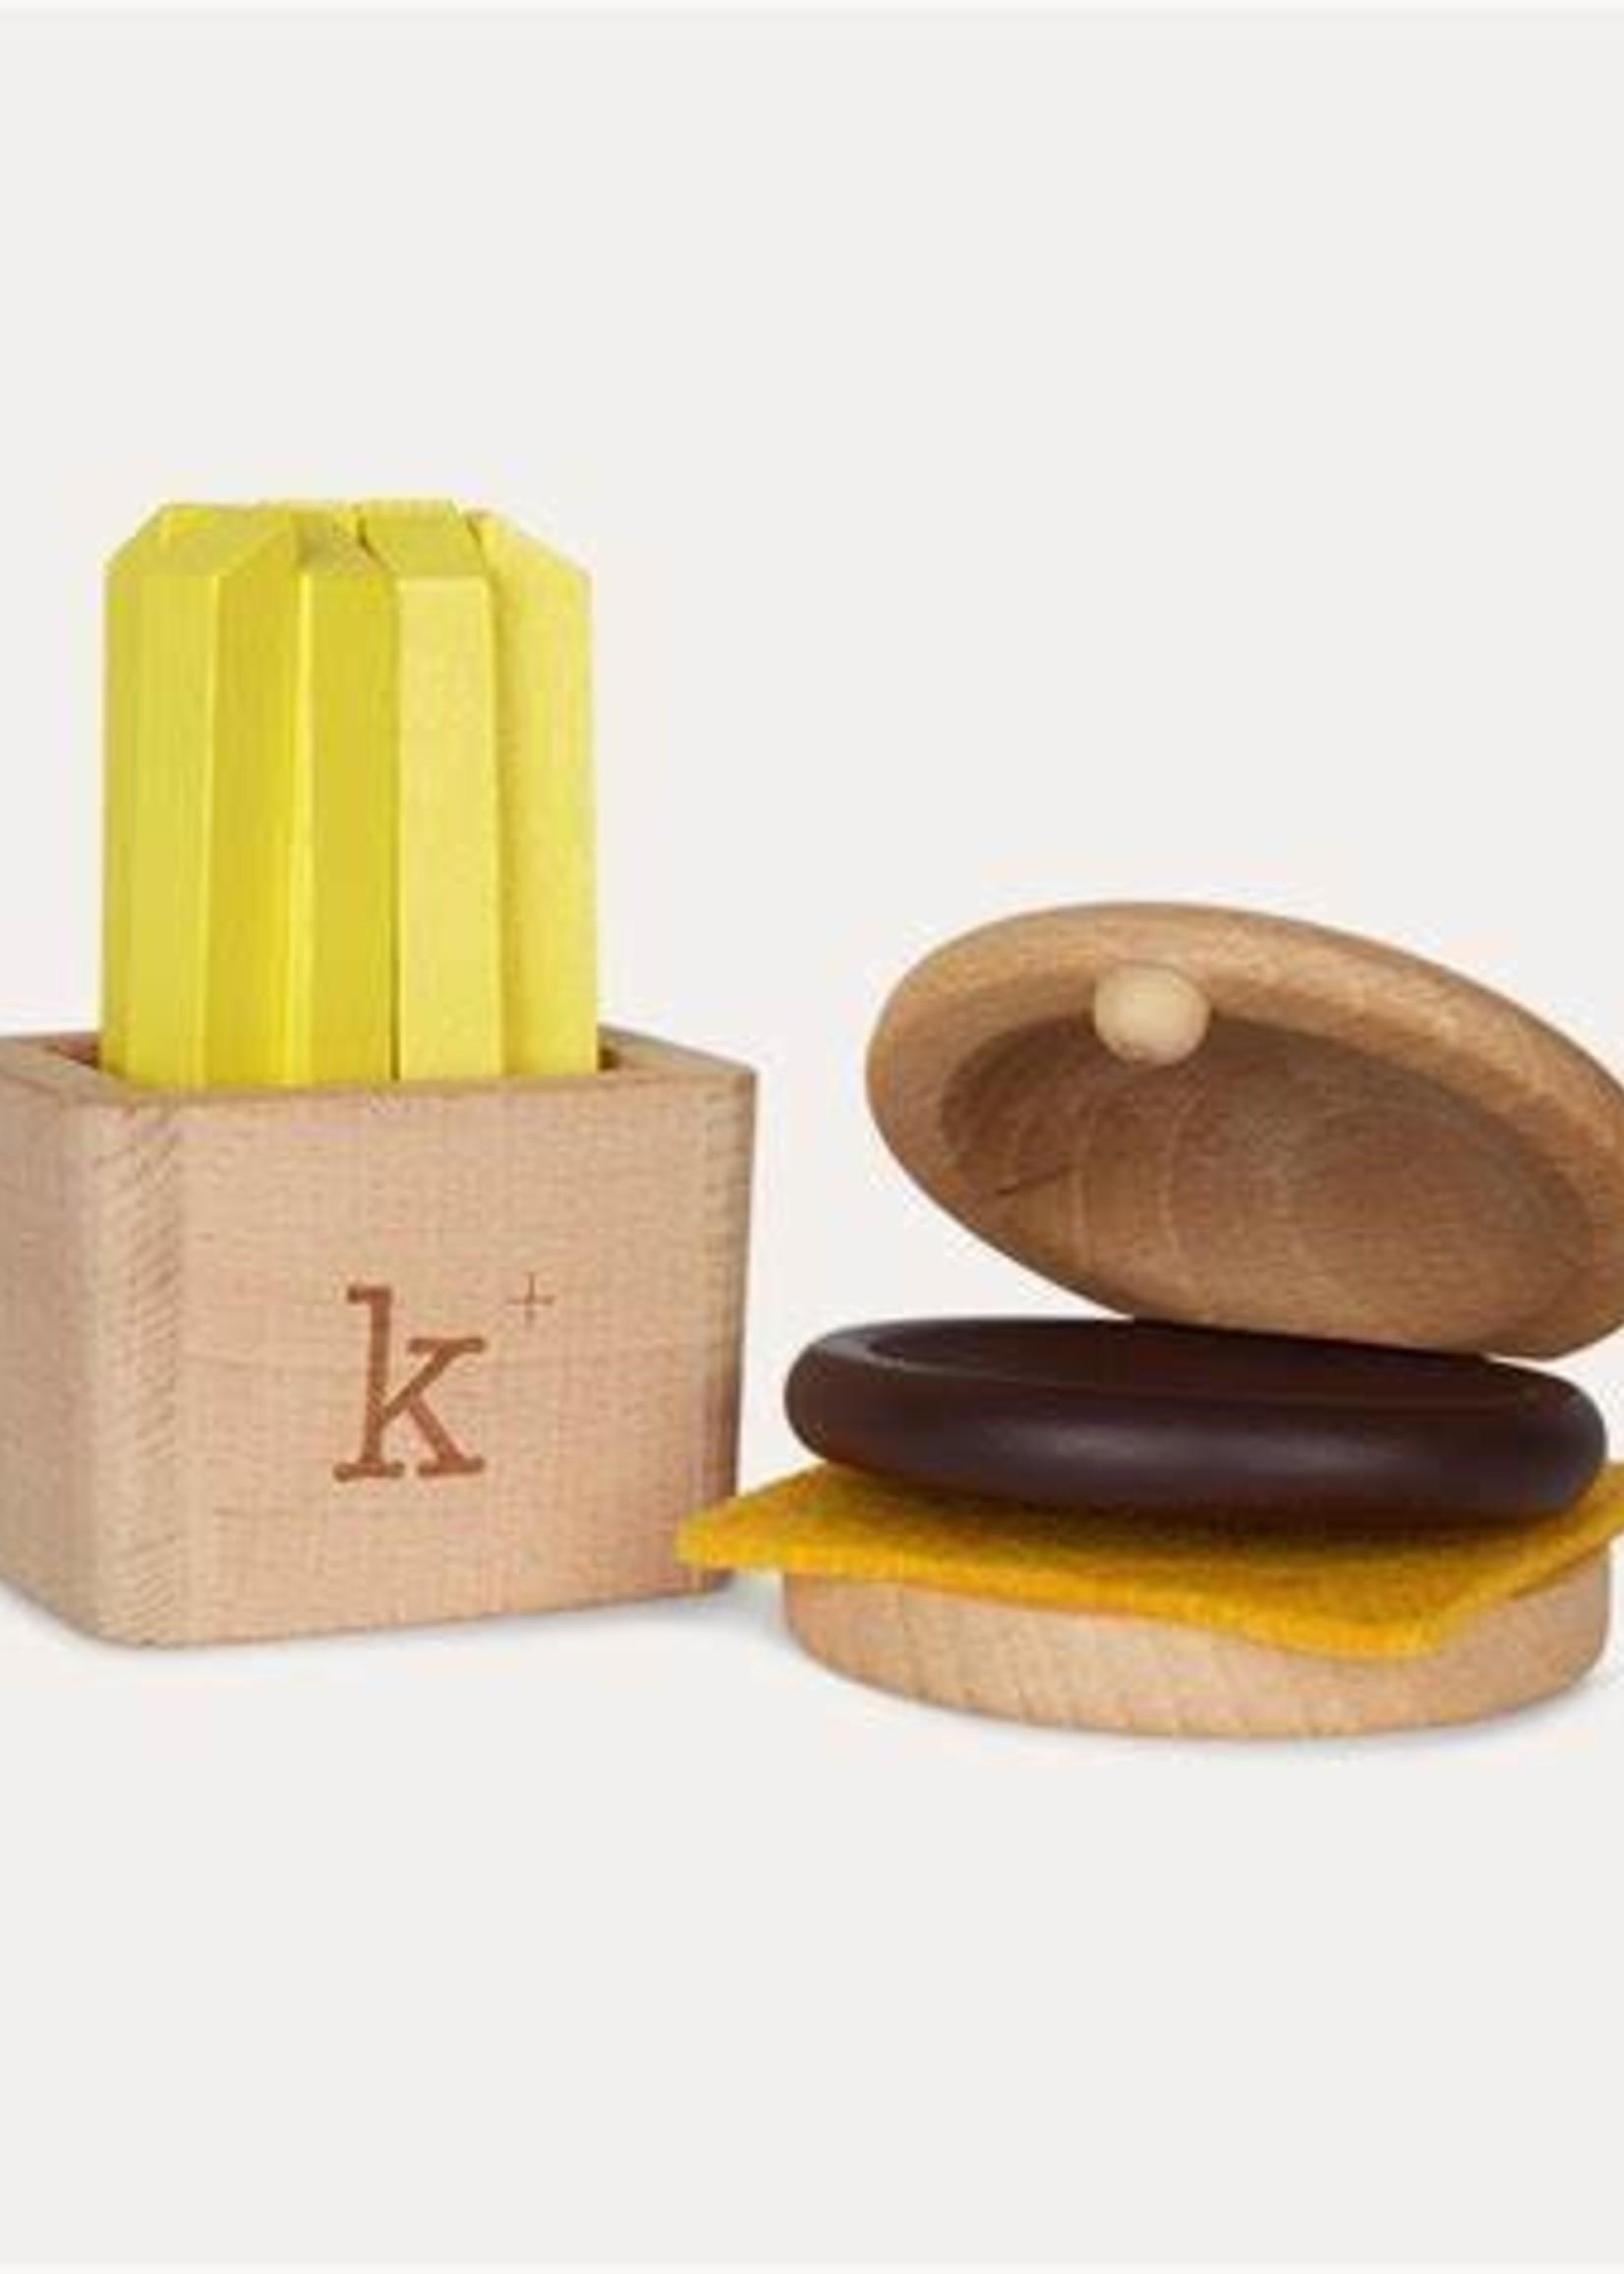 Kiko & gg Hamburger musical play set